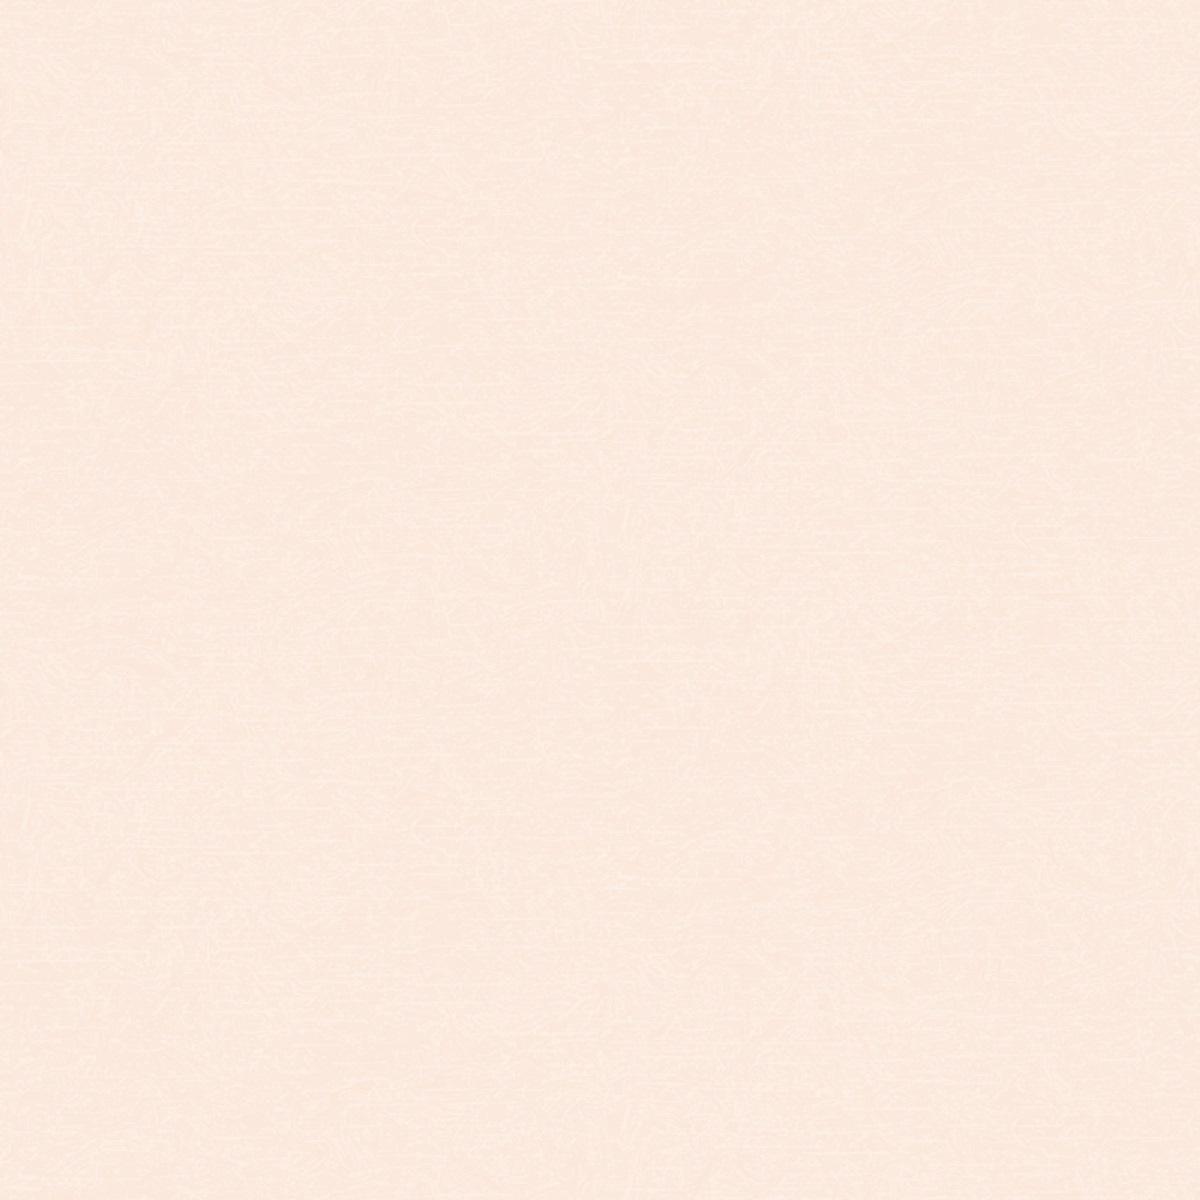 Papel De Parede Vinilico Liso Impermeável Durável Quarto